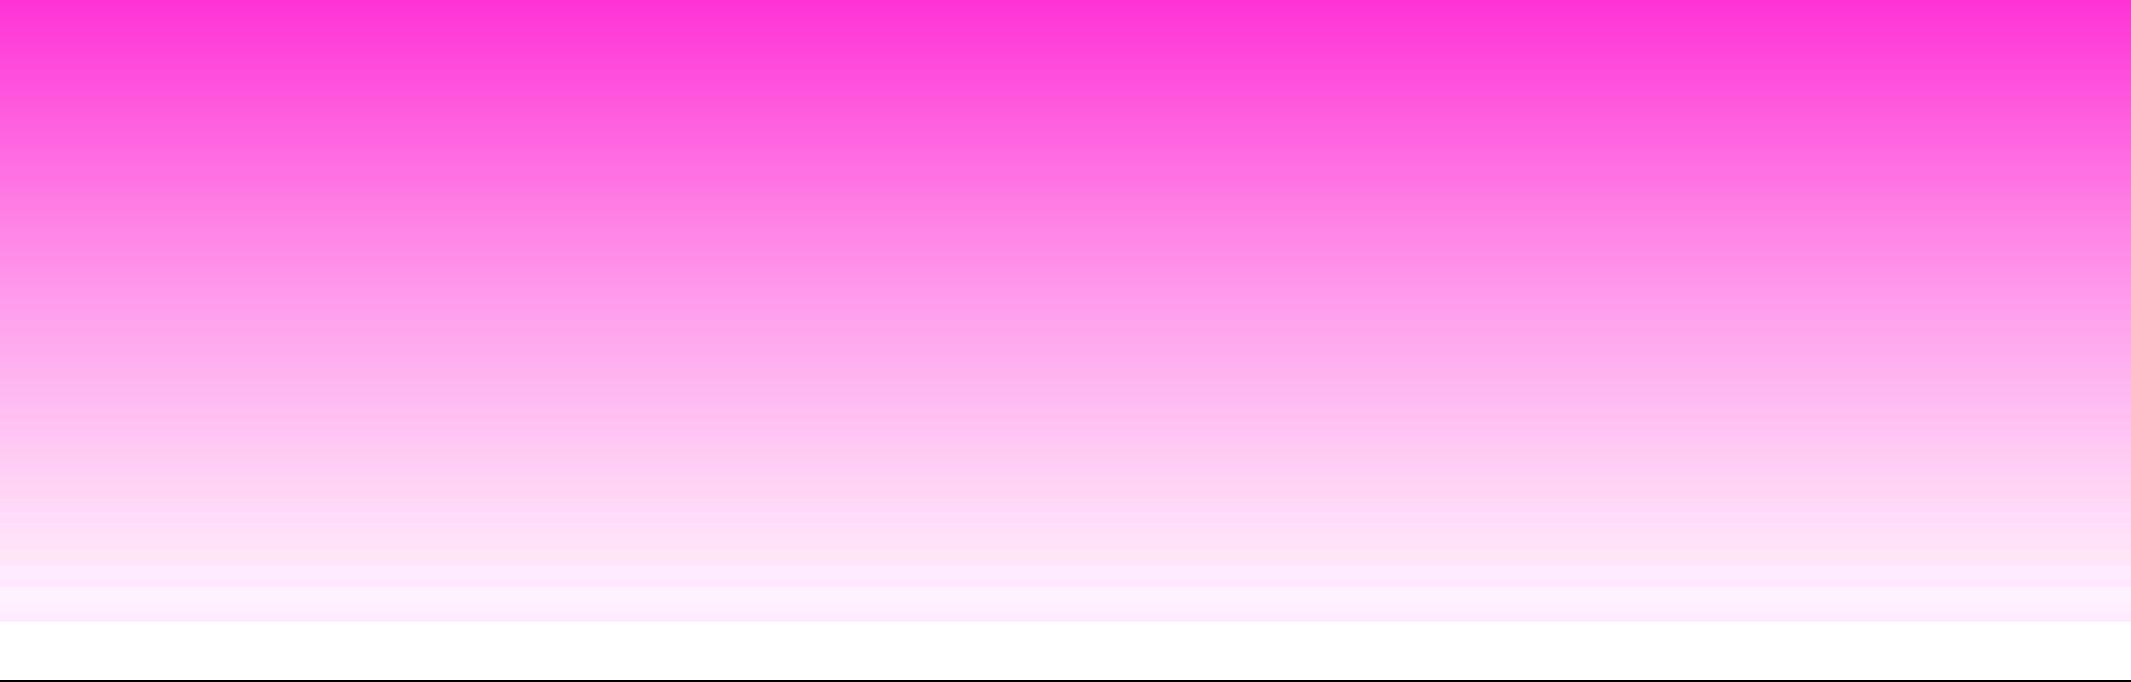 2021 FG_WEBSITE_background_gradient_4-16